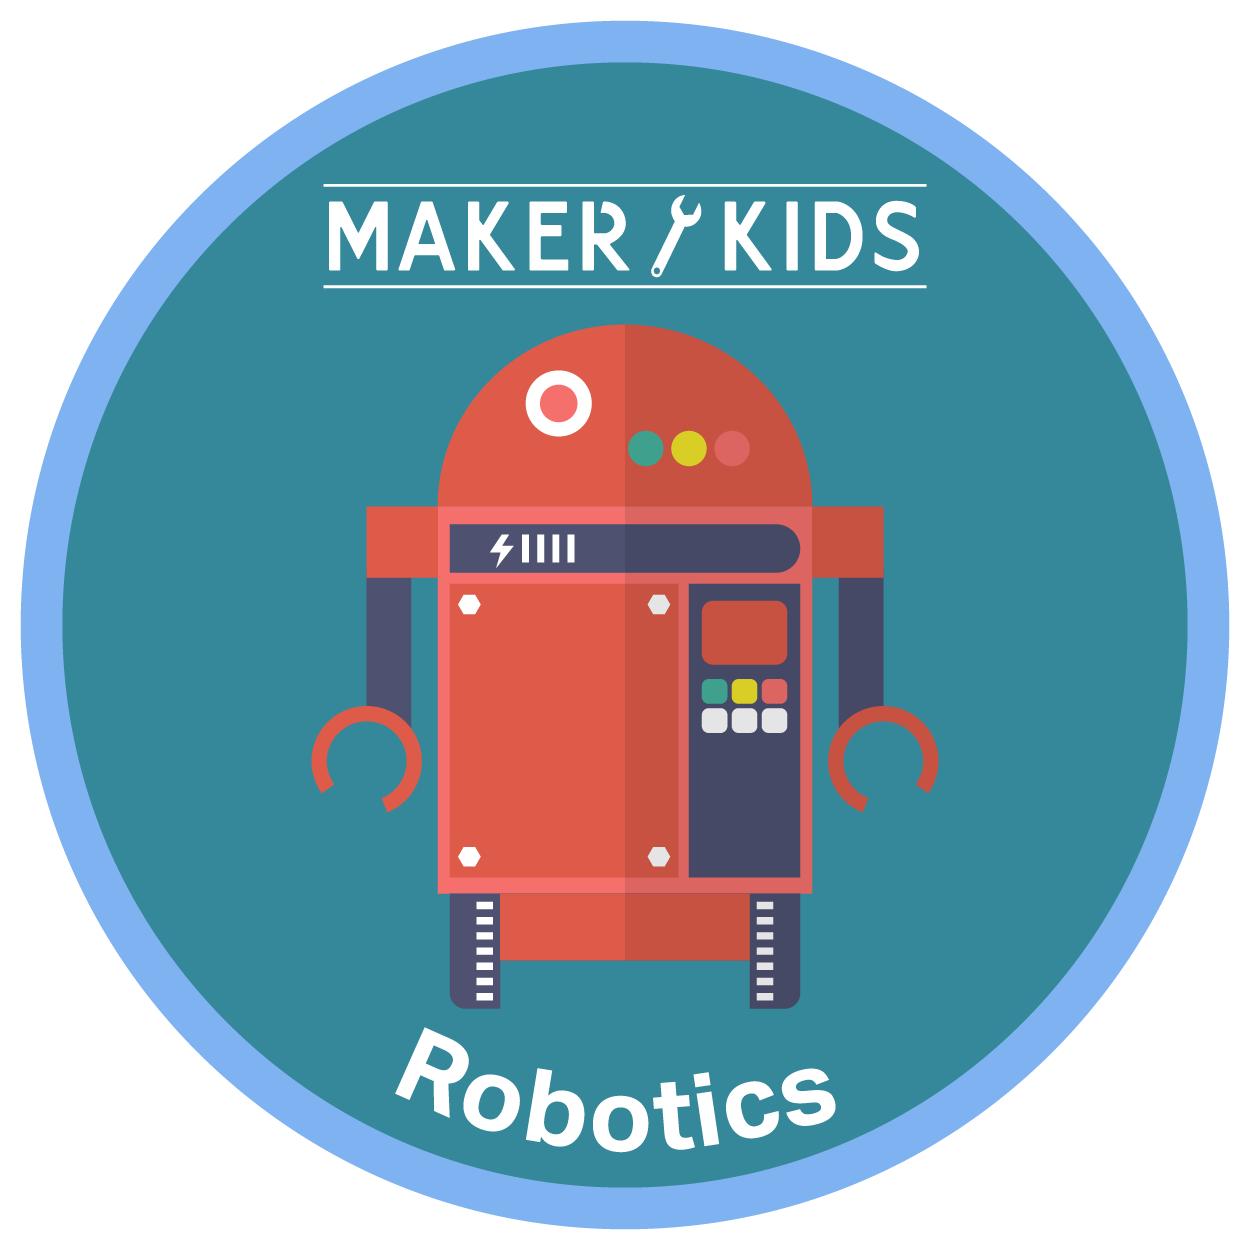 MakerKids Robotics Toronto